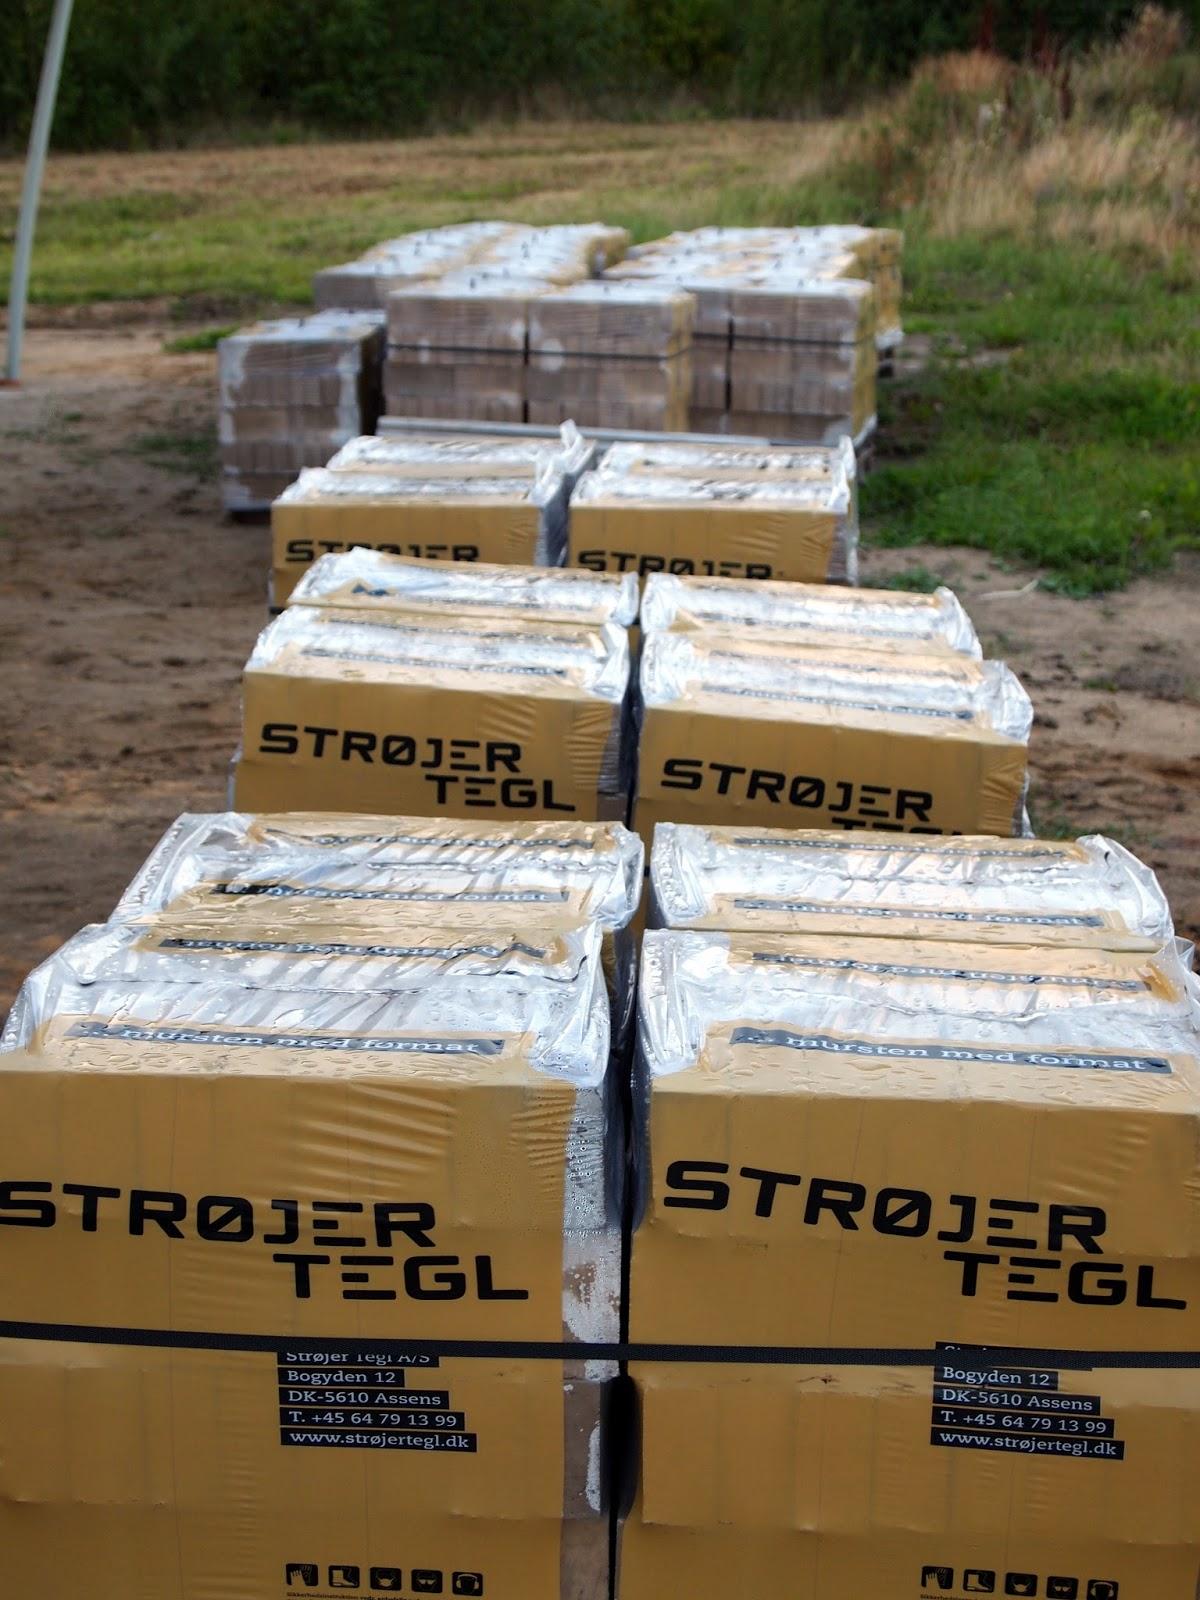 Strøjer Tegl | Bison sten | Byg med HusCompagniet